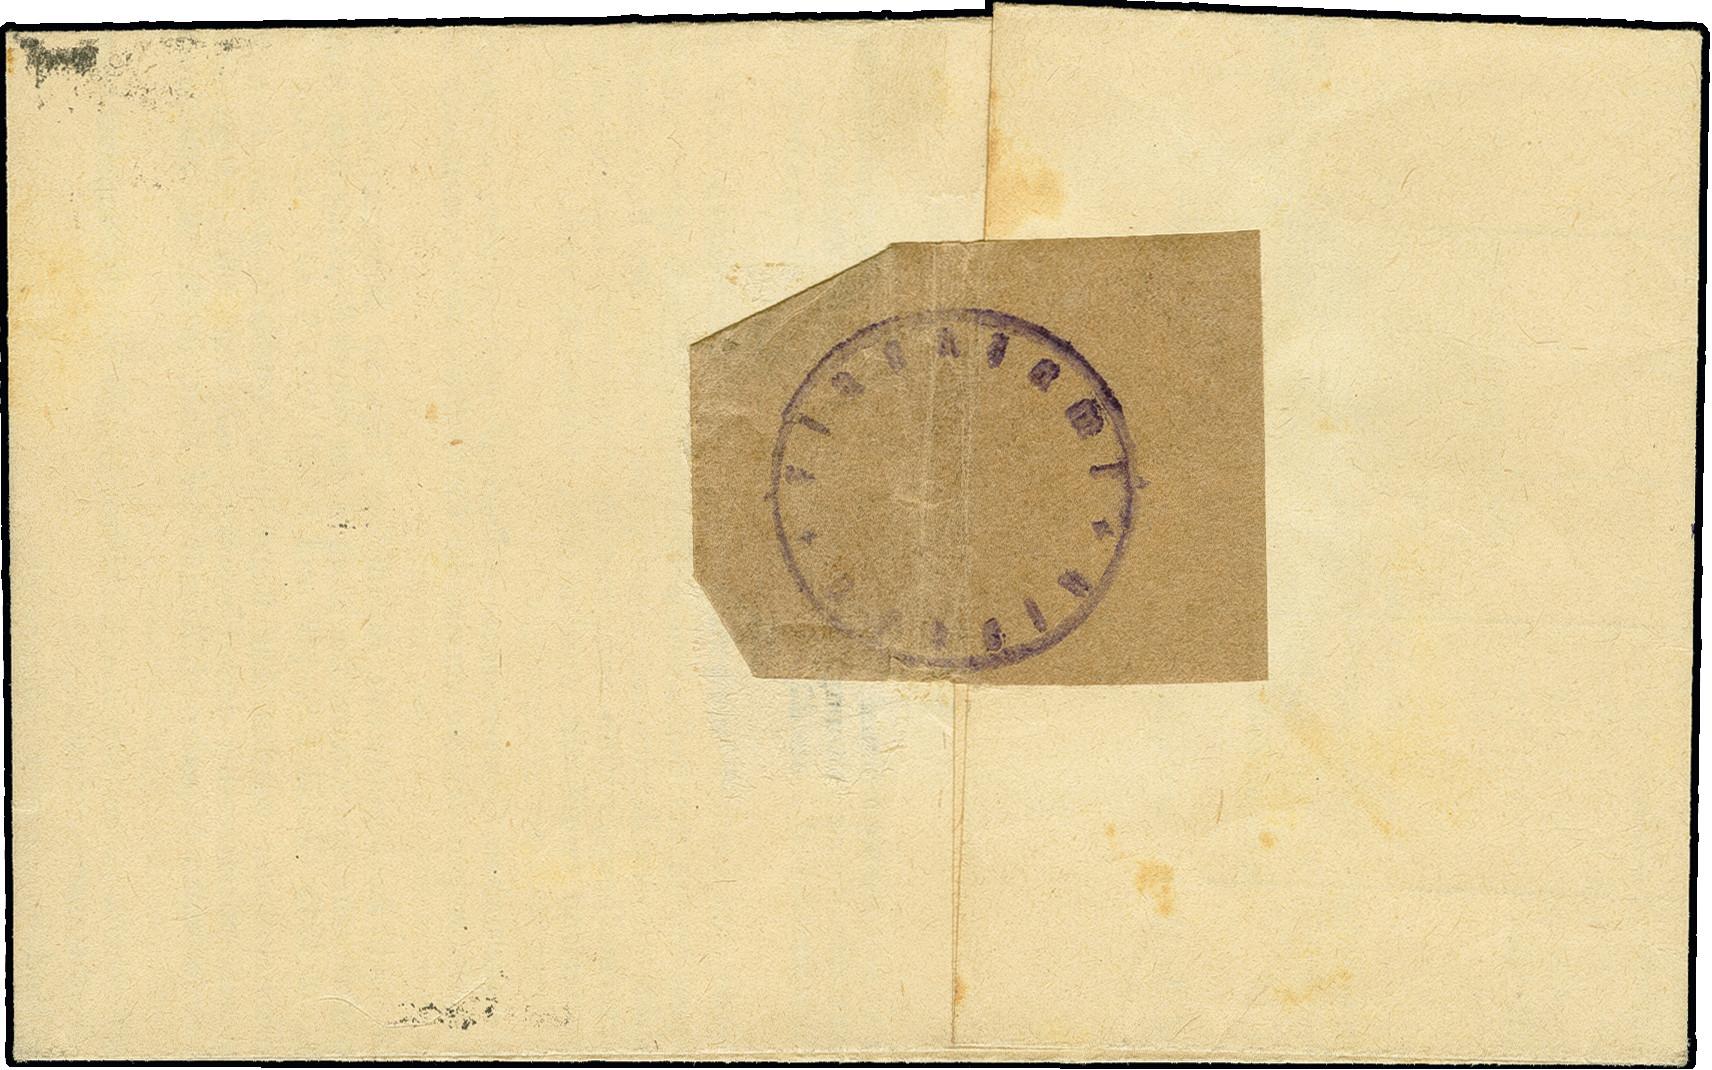 Lot 3457 - deutsche lokalausgaben ab 1945 döbeln -  Heinrich Koehler Auktionen 375rd Heinrich Köhler auction - Day 3